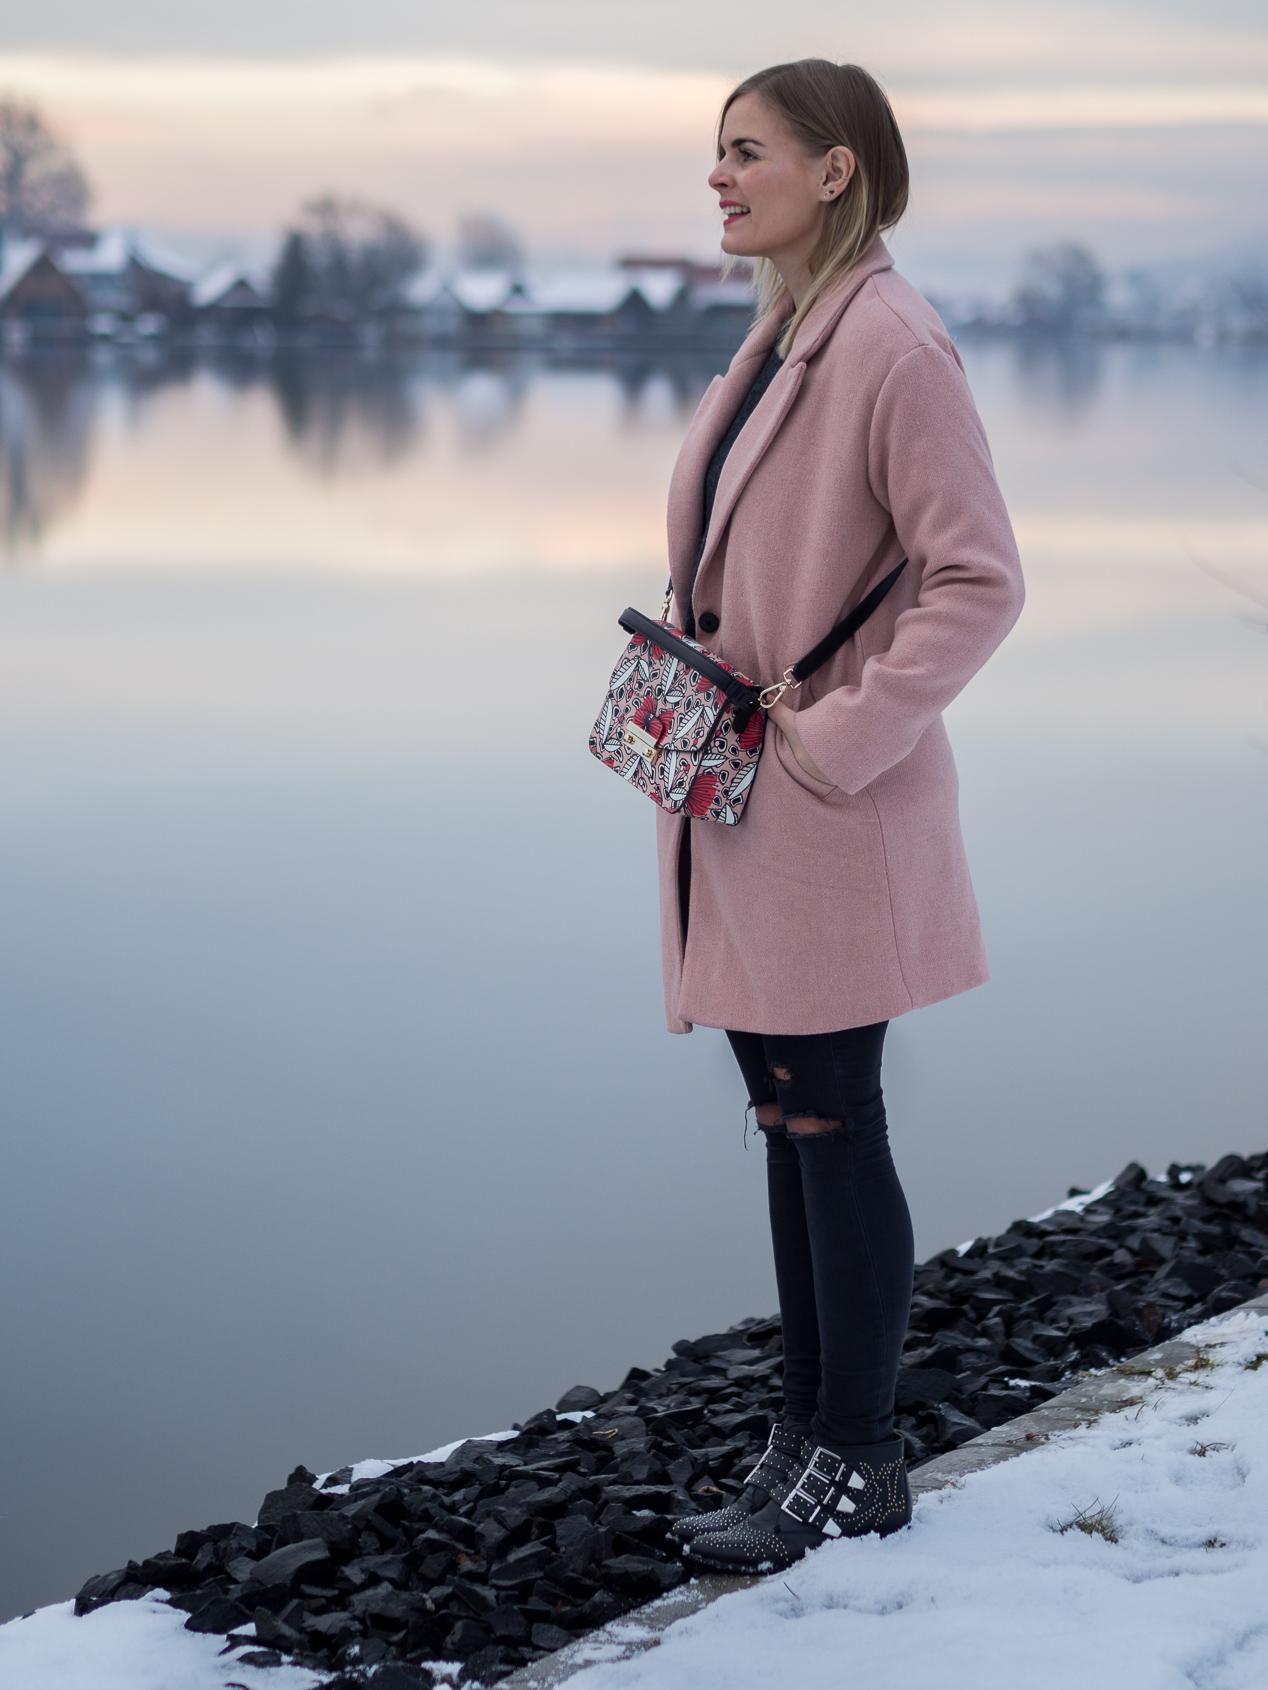 Rosa Mantel, Wintermantel, Furla Tasche, Schwarze Hose, Boots,